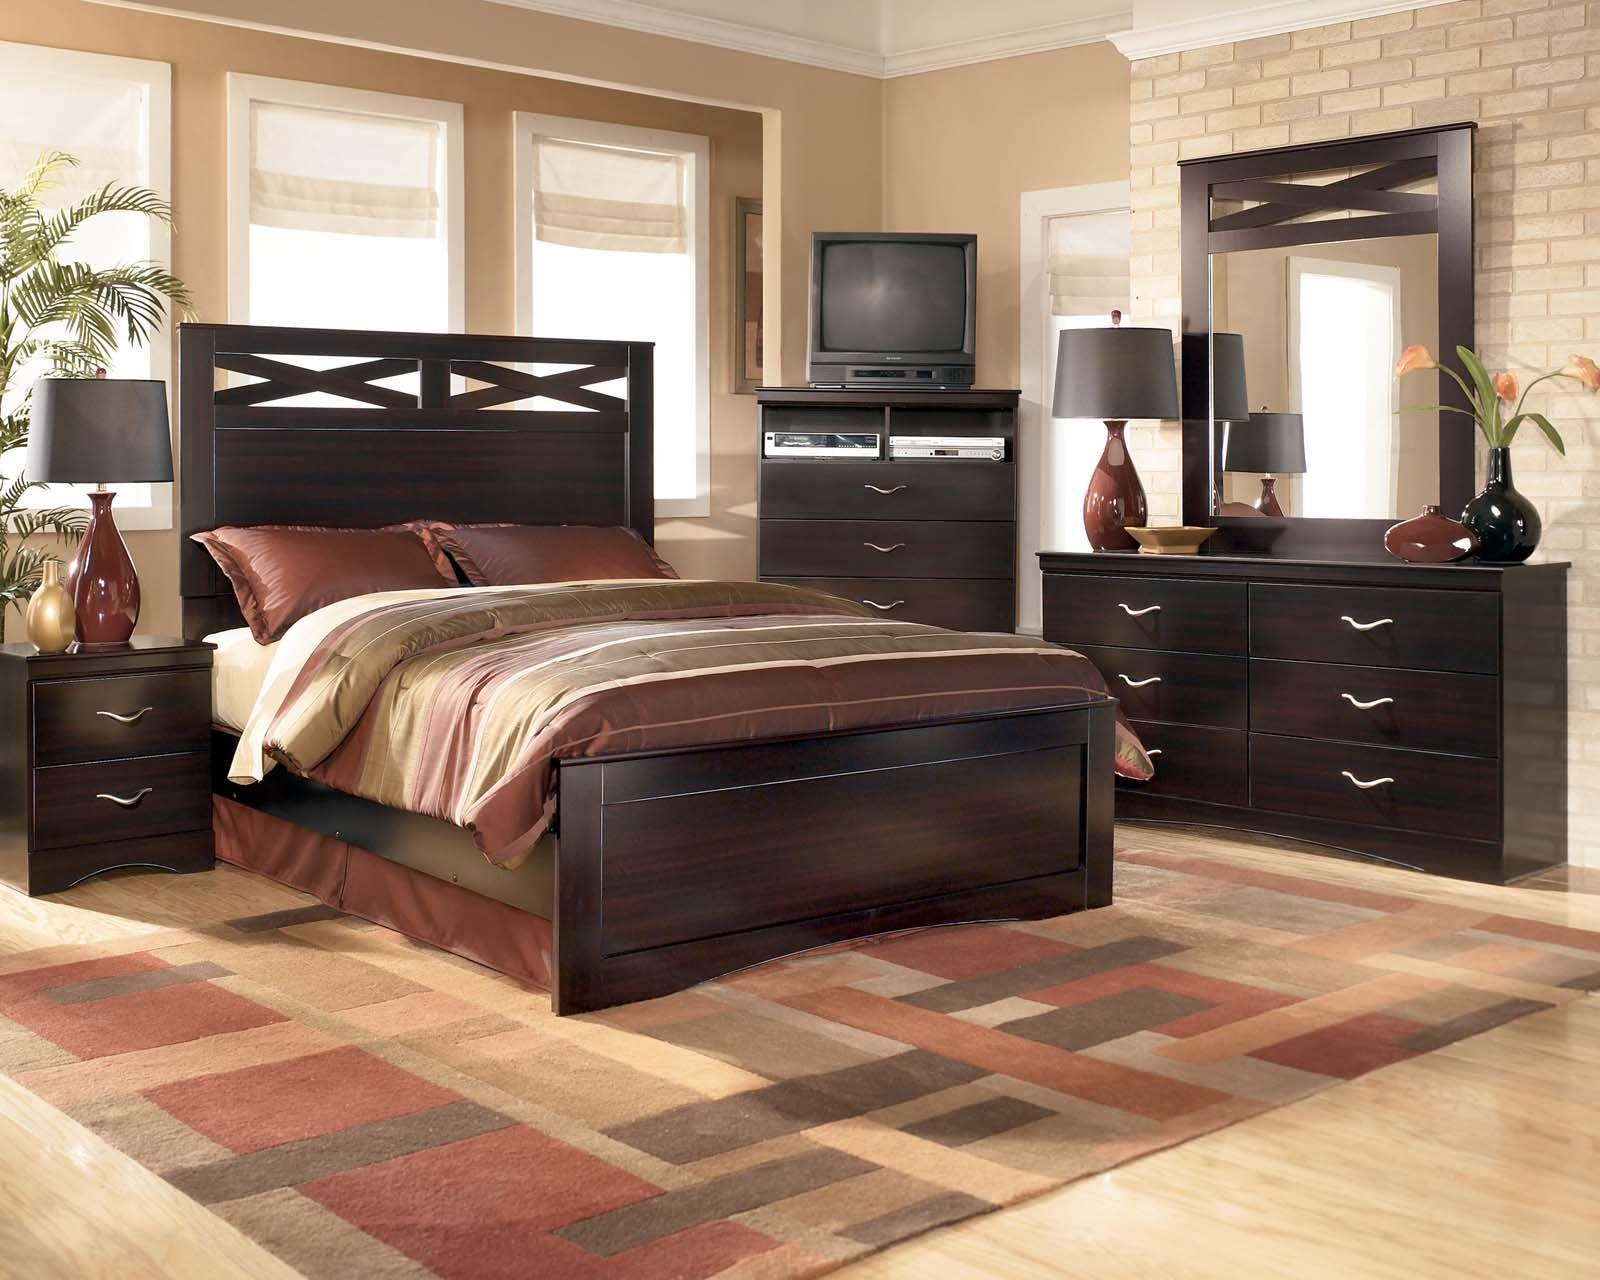 Master bedroom furniture sets  Xcess Modern Bedroom Set in Merlot  Furniture  Pinterest